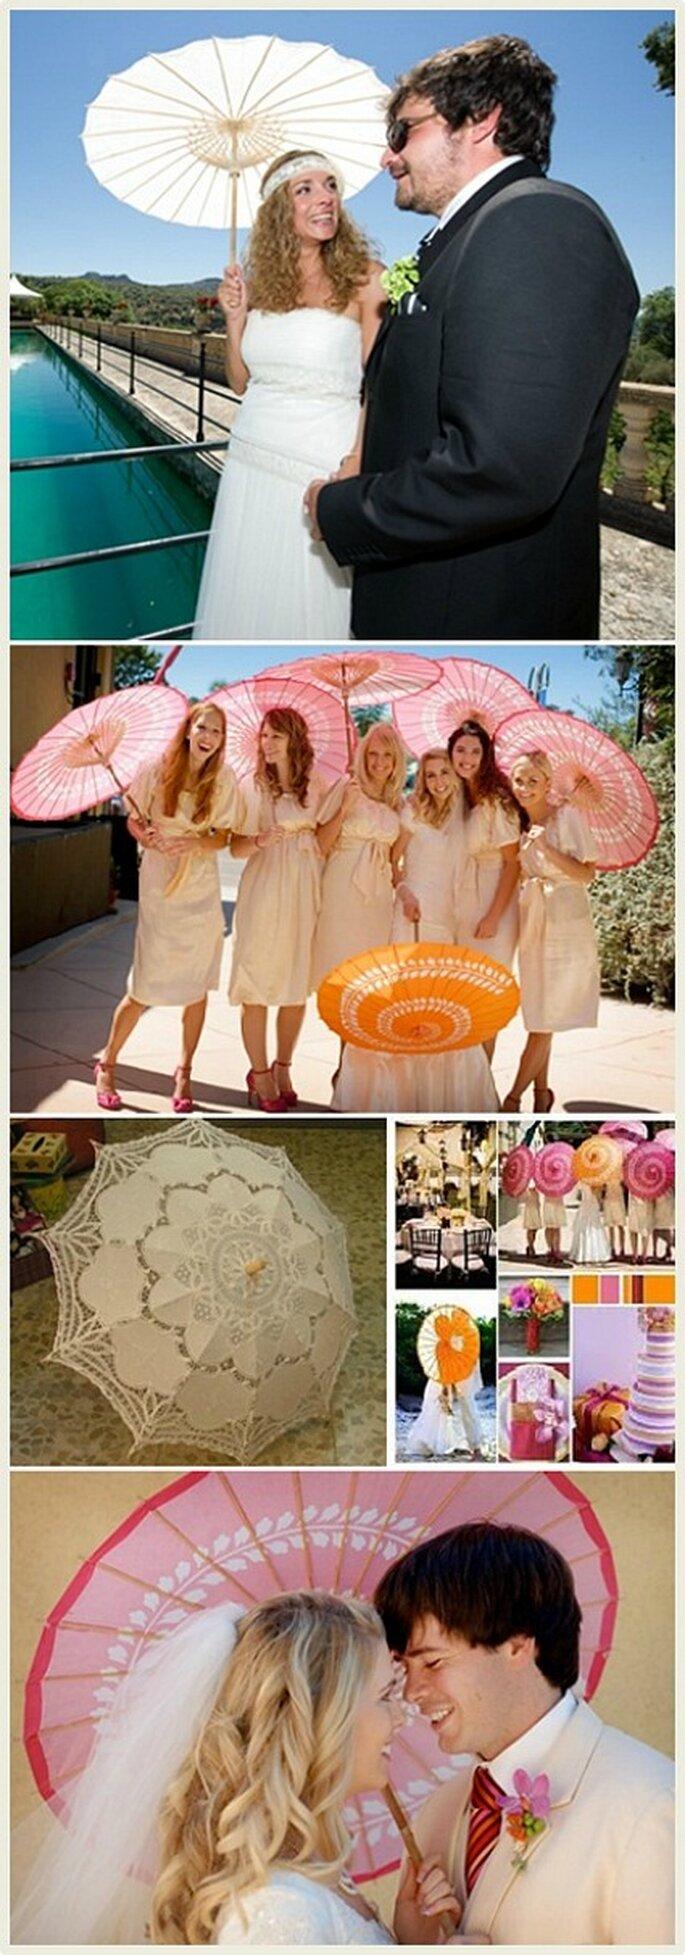 Entregar sombrillas de papel a los invitados si la ceremonia es al aire libre y a pleno sol, este detalle le dará un toque de elegancia a la celebración.